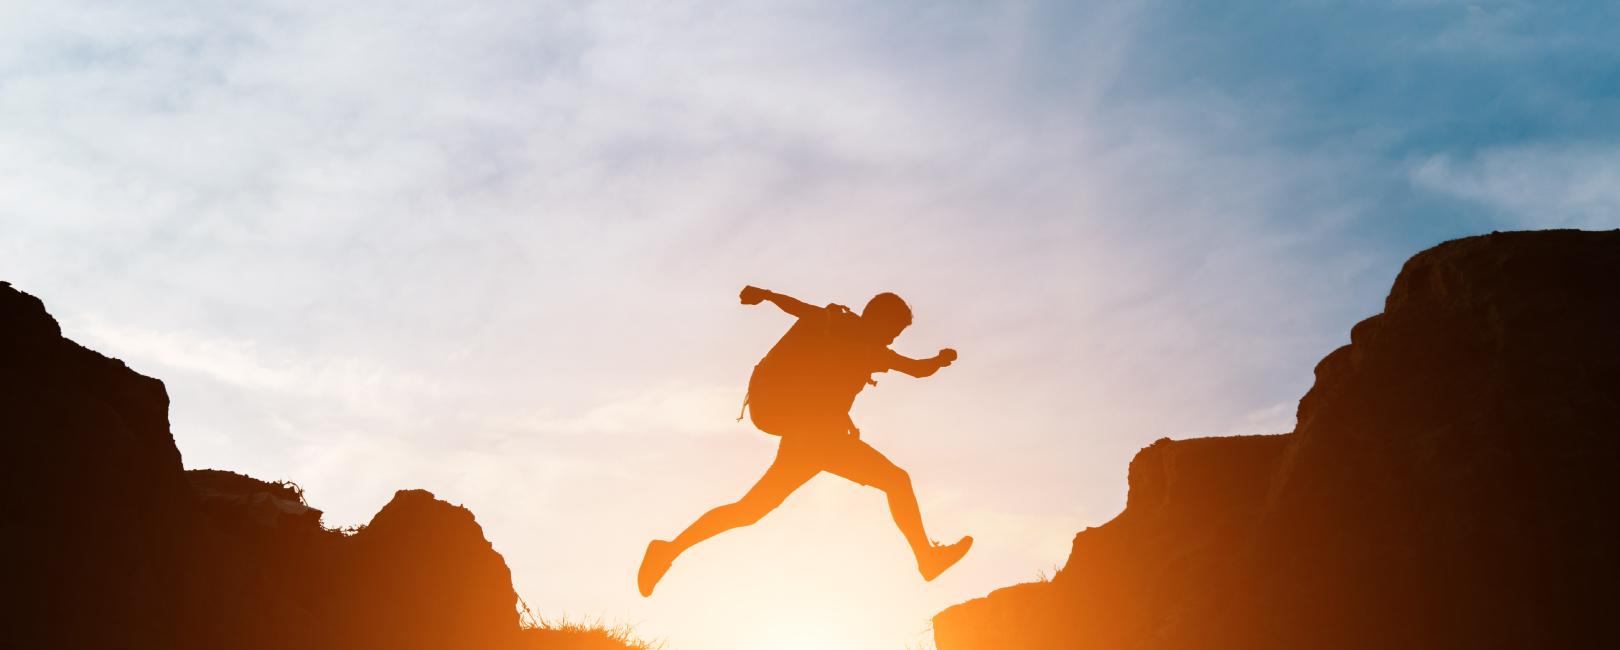 Ser resiliente o morir. Descubre las claves de la resiliencia empresarial